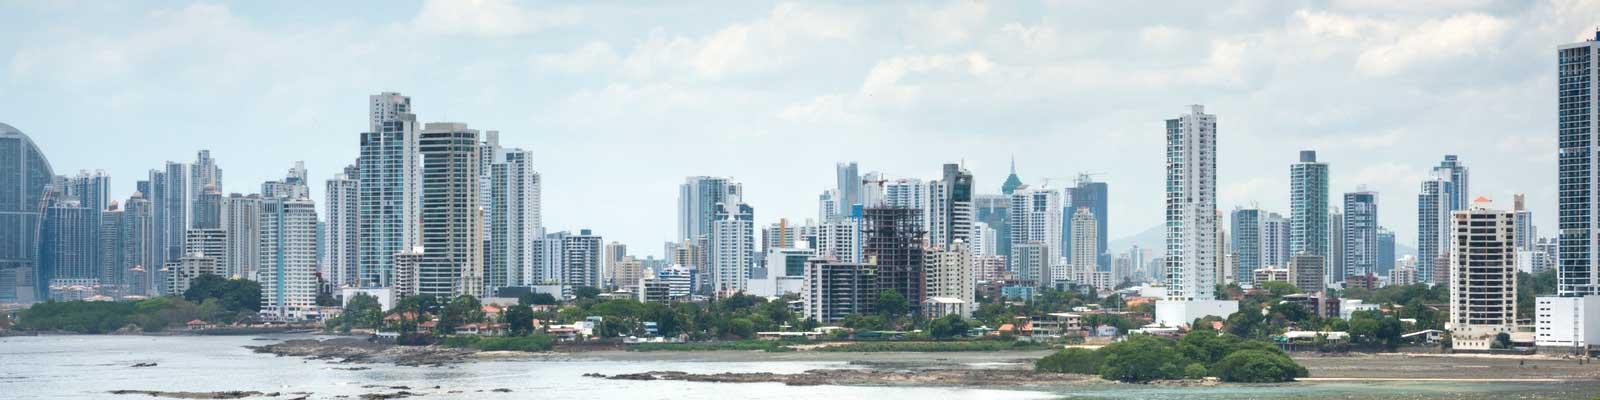 Panama Paisagem Cidade e Mar  Hotel, Resort, Passar as ferias.